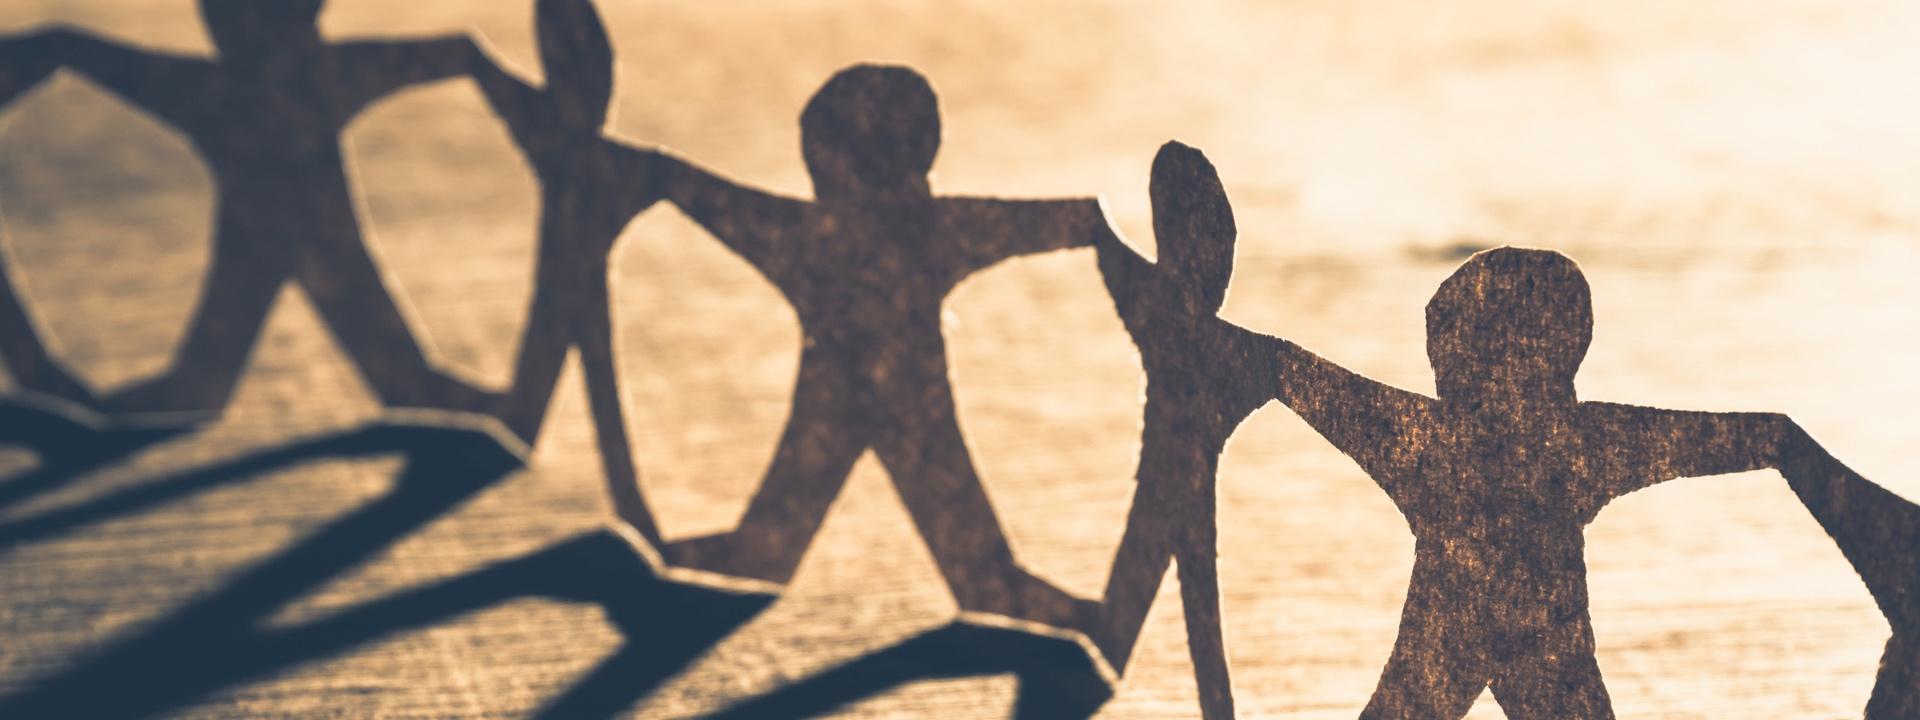 La ricerca condotta da EURICSE illustra le principali caratteristiche teoriche ed empiriche delle organizzazioni dell'Economia Sociale e Solidale